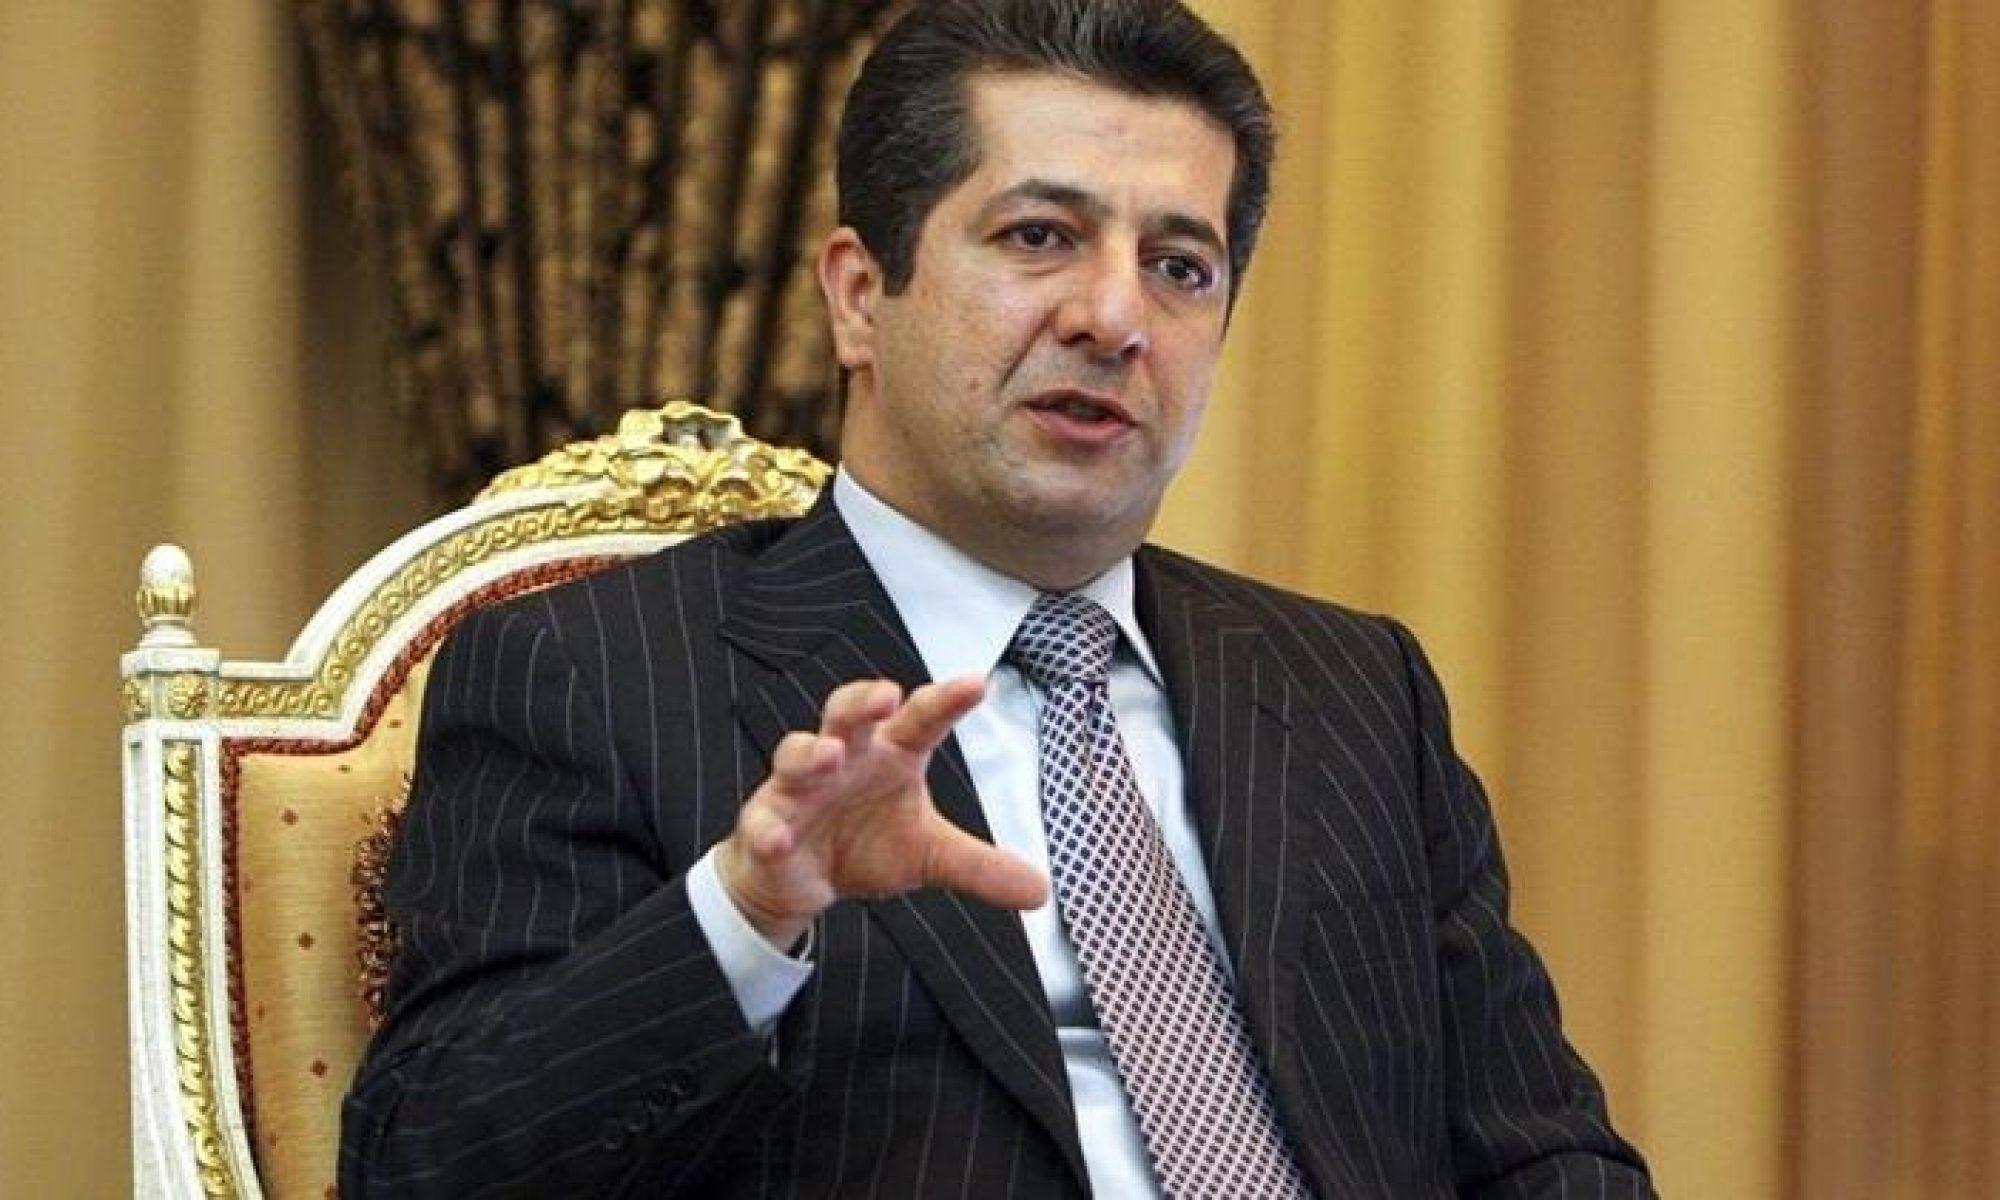 Başbakan Barzani'den Erbil'e dönük füze saldırısına dönük açıklama: Cevabımız sert olacak